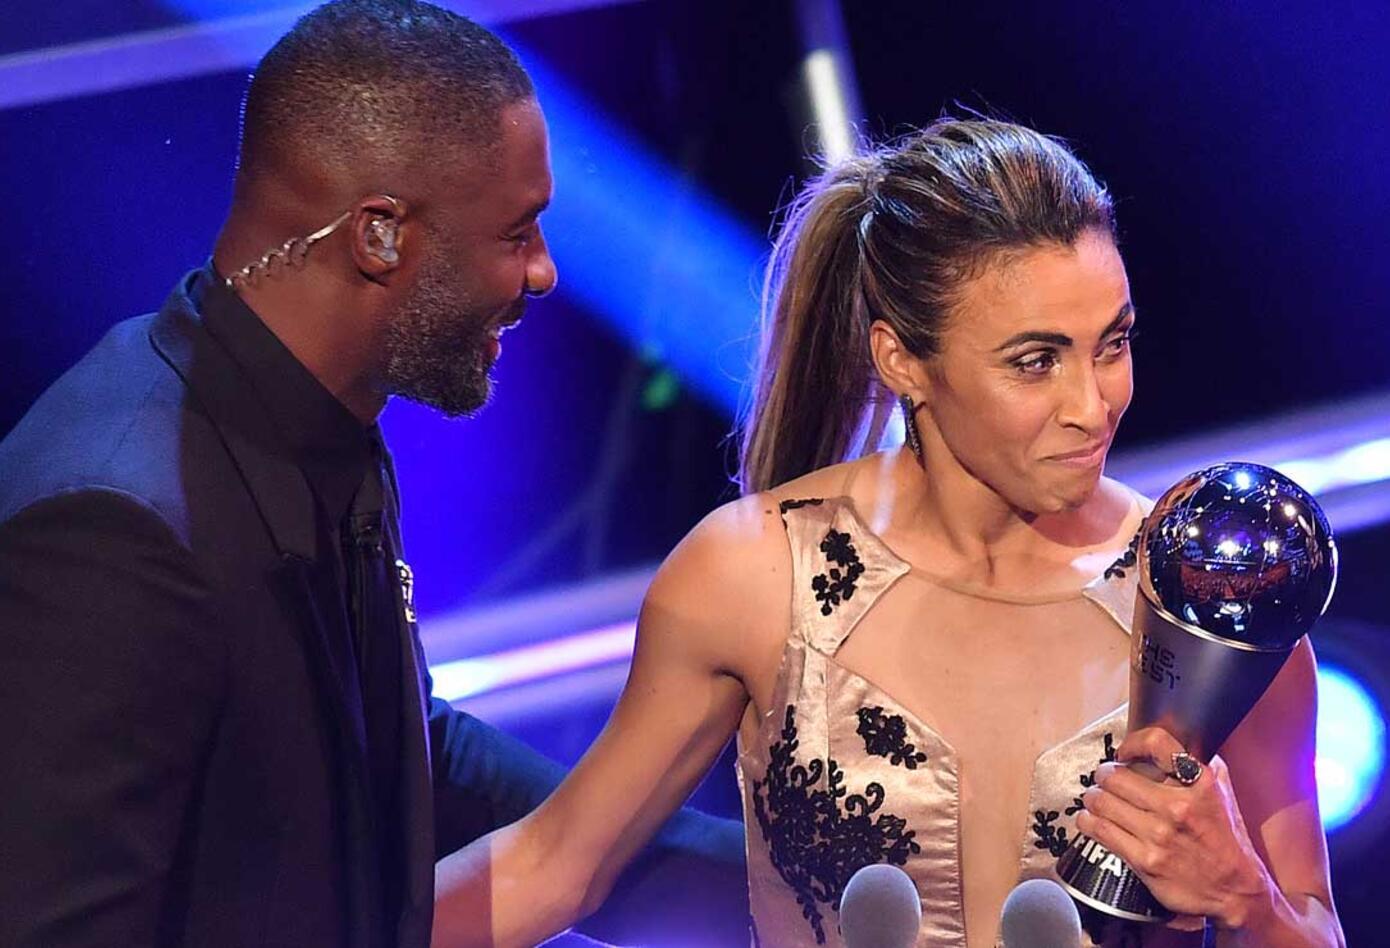 El actor británico Orlando Pride y la jugadora brasileña Marta en la gala de los premios The Best organizada por la FIFA